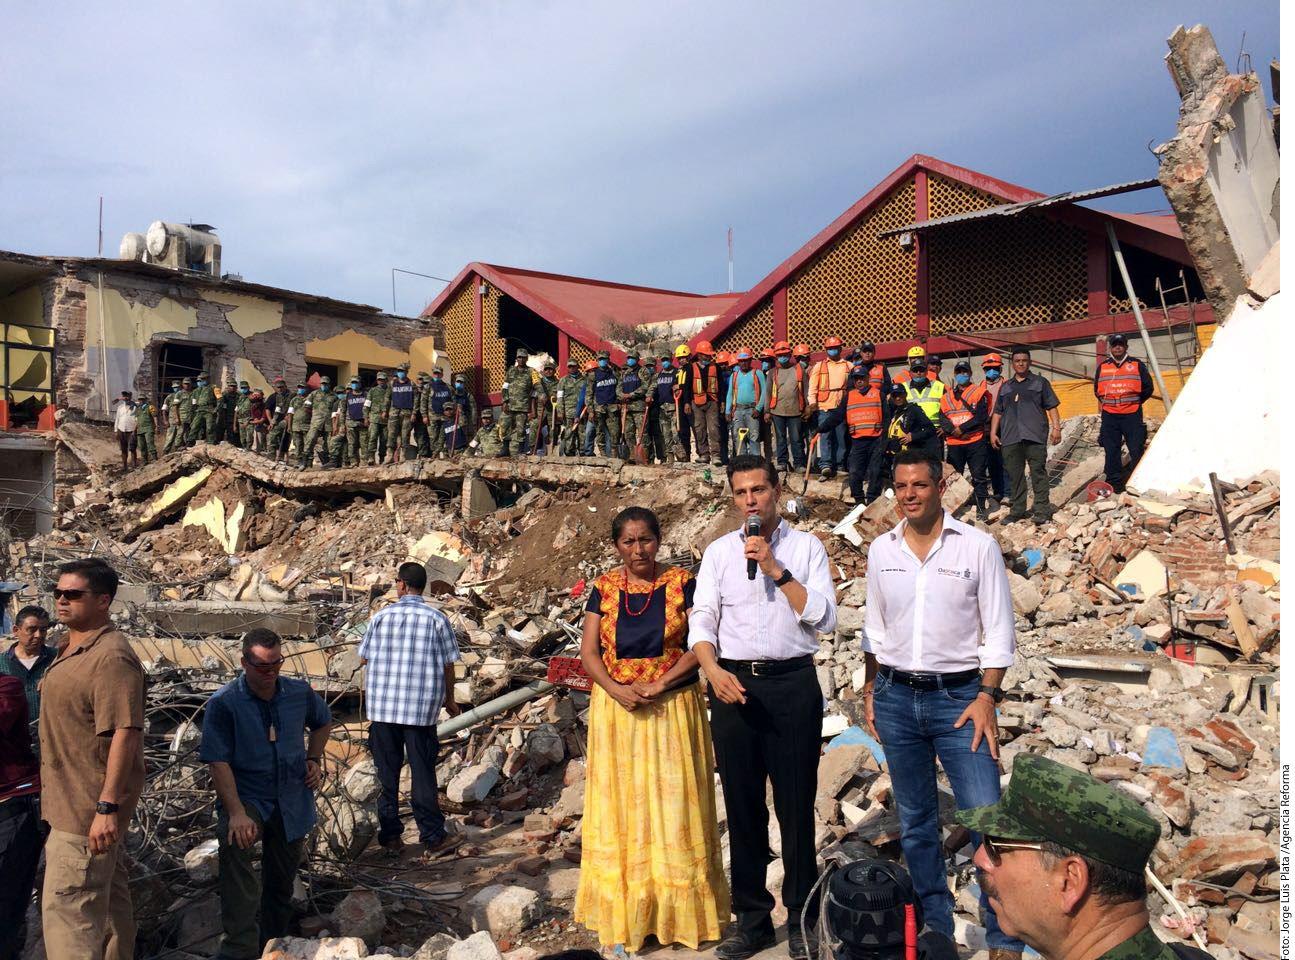 ARRIBA. El Presidente Enrique Peña Nieto (segundo de der. a izq.) declaró luto nacional por las víctimas del sismo de magnitud 8.2 registrado el jueves por la noche. (Foto: Reforma)